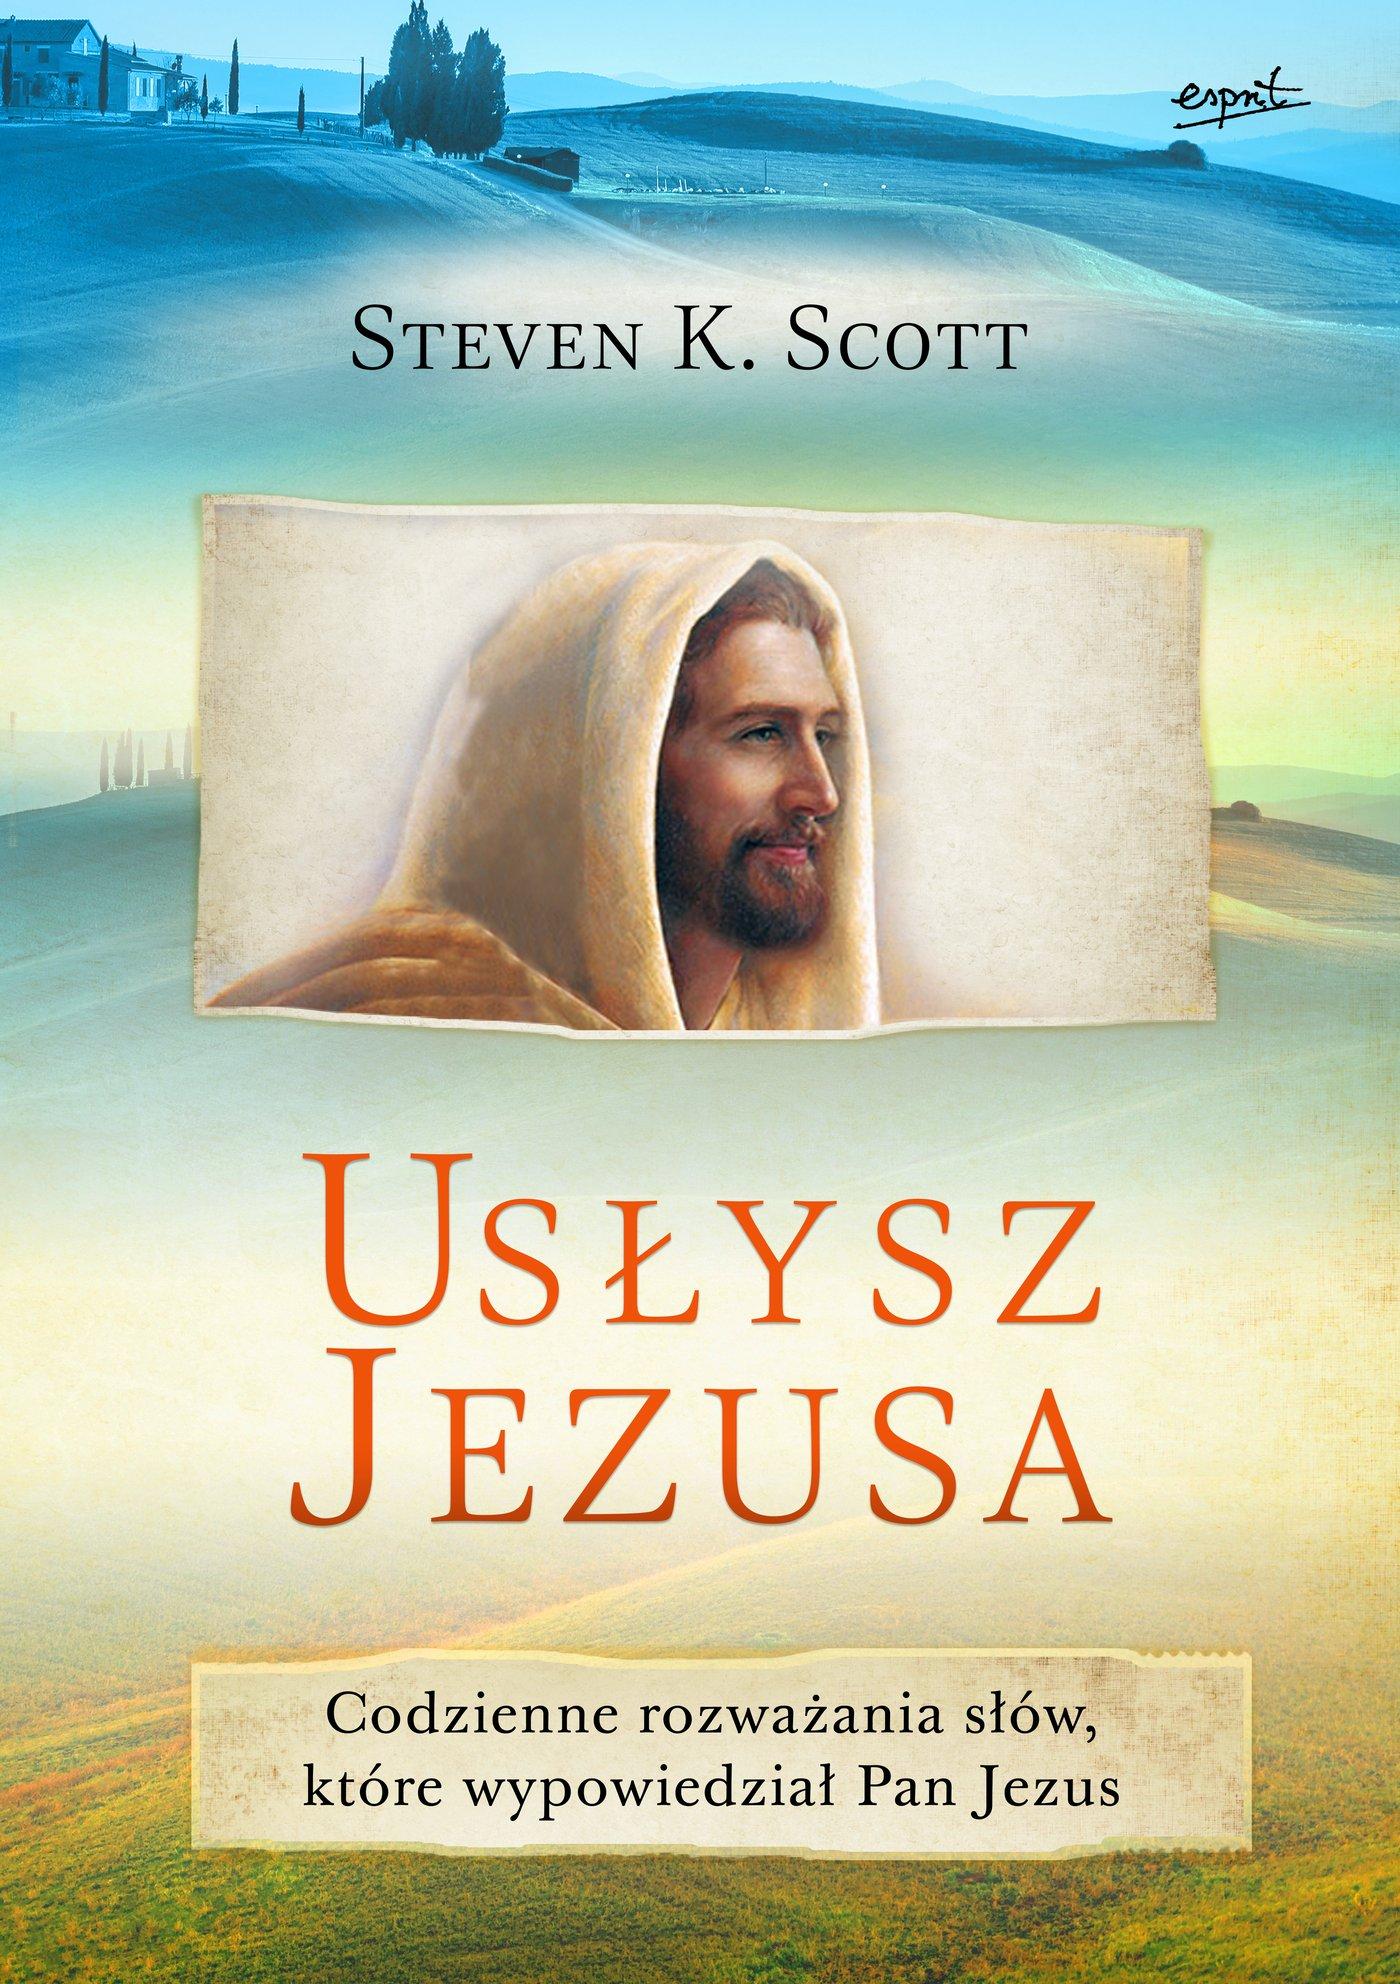 Usłysz Jezusa - Ebook (Książka EPUB) do pobrania w formacie EPUB